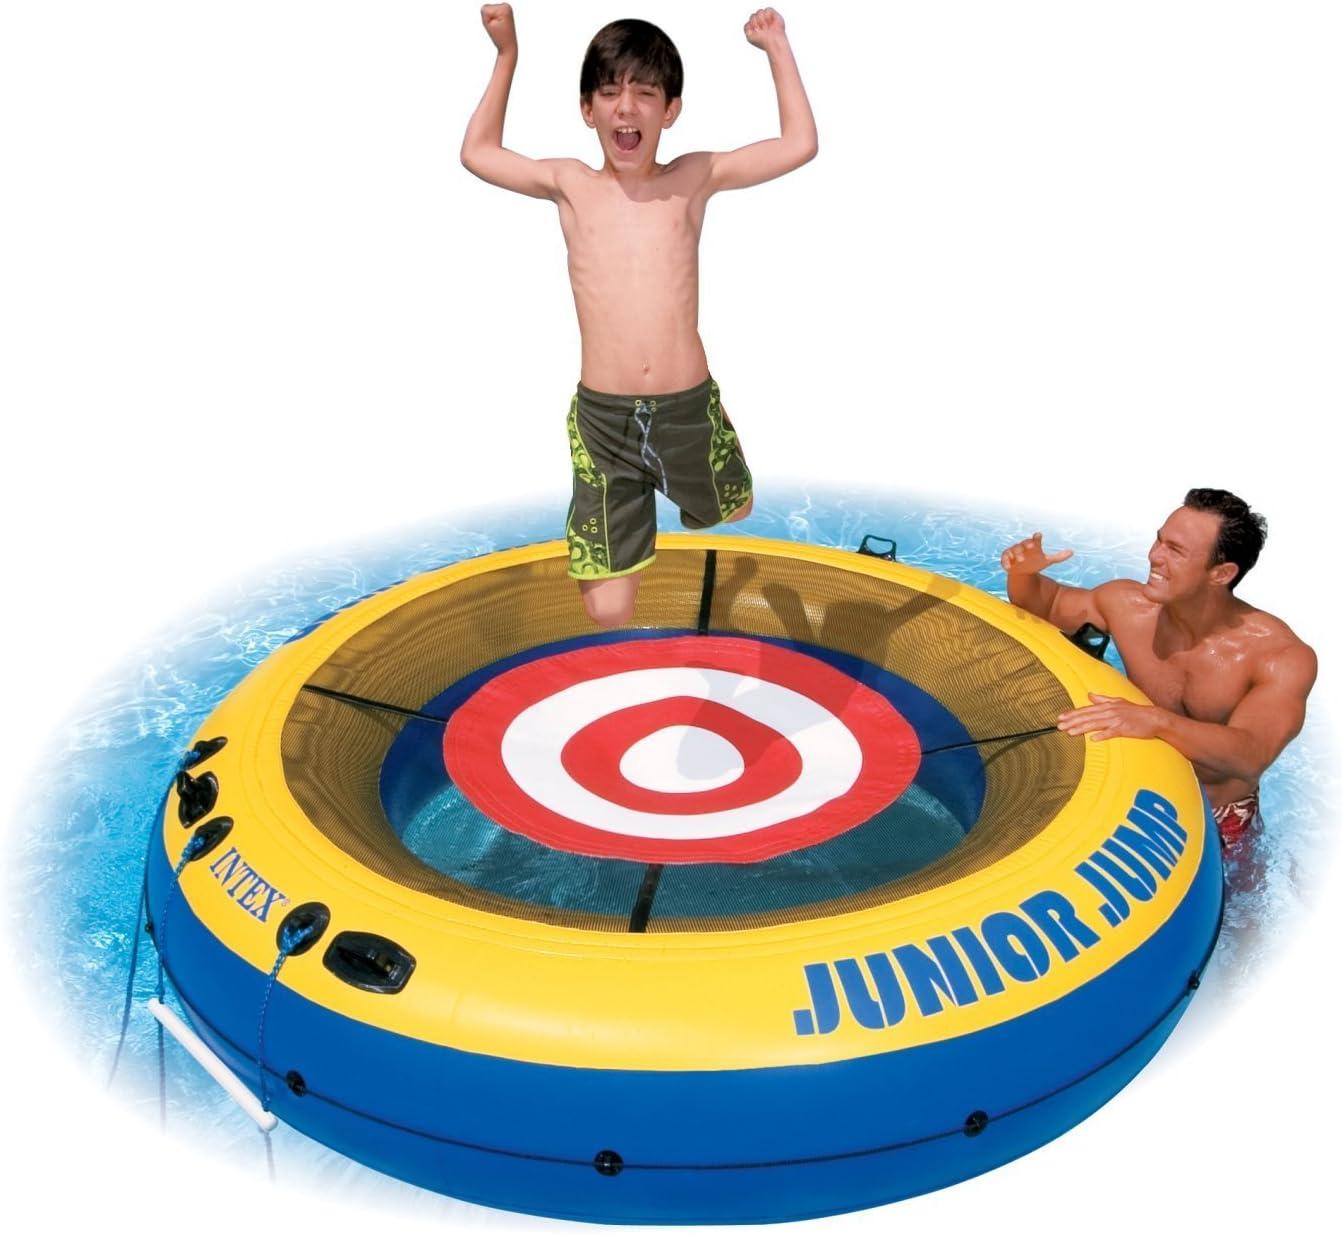 Amazon.com: Intex Junior Jumper Cama Elástica de agua tubo ...